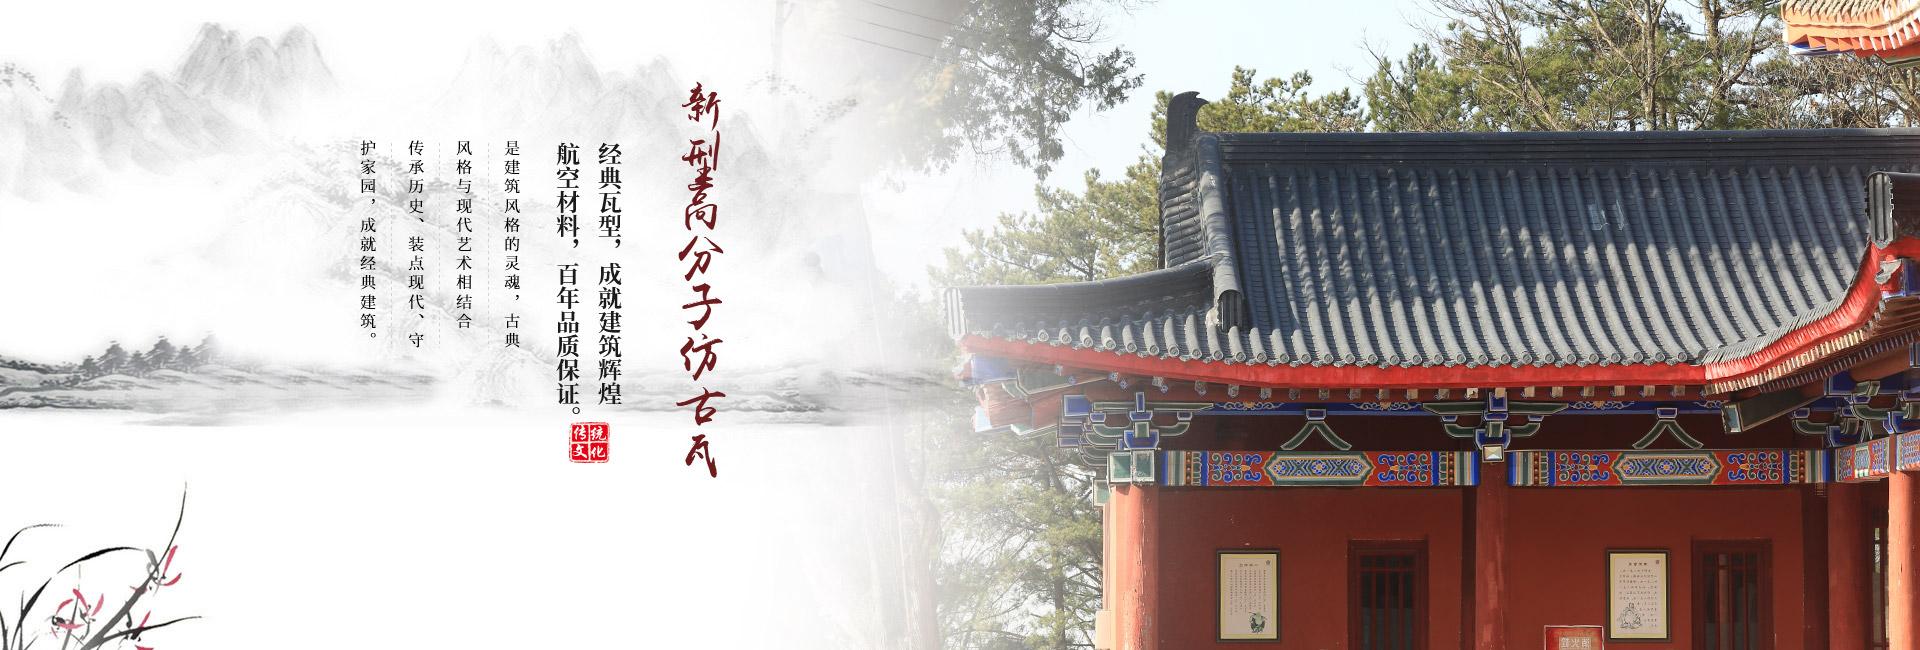 北京仿古瓦